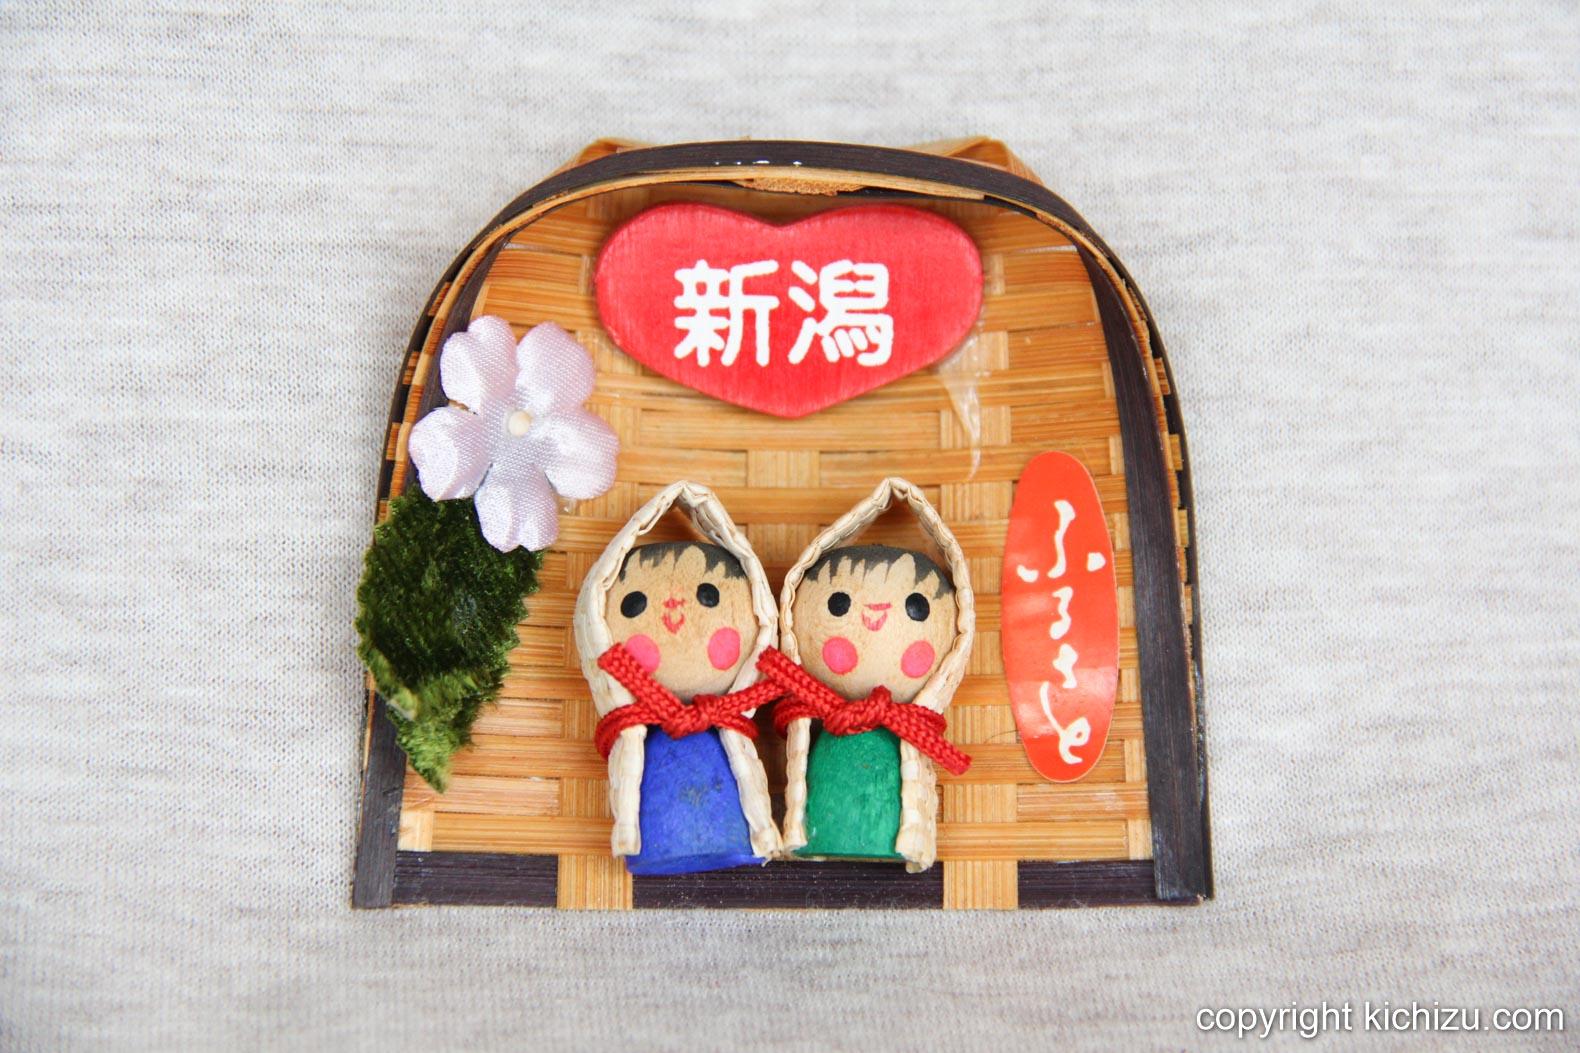 頭巾をかぶった青と緑の夫婦人形。上にはハートの形をしたアクセントに「新潟」の文字。